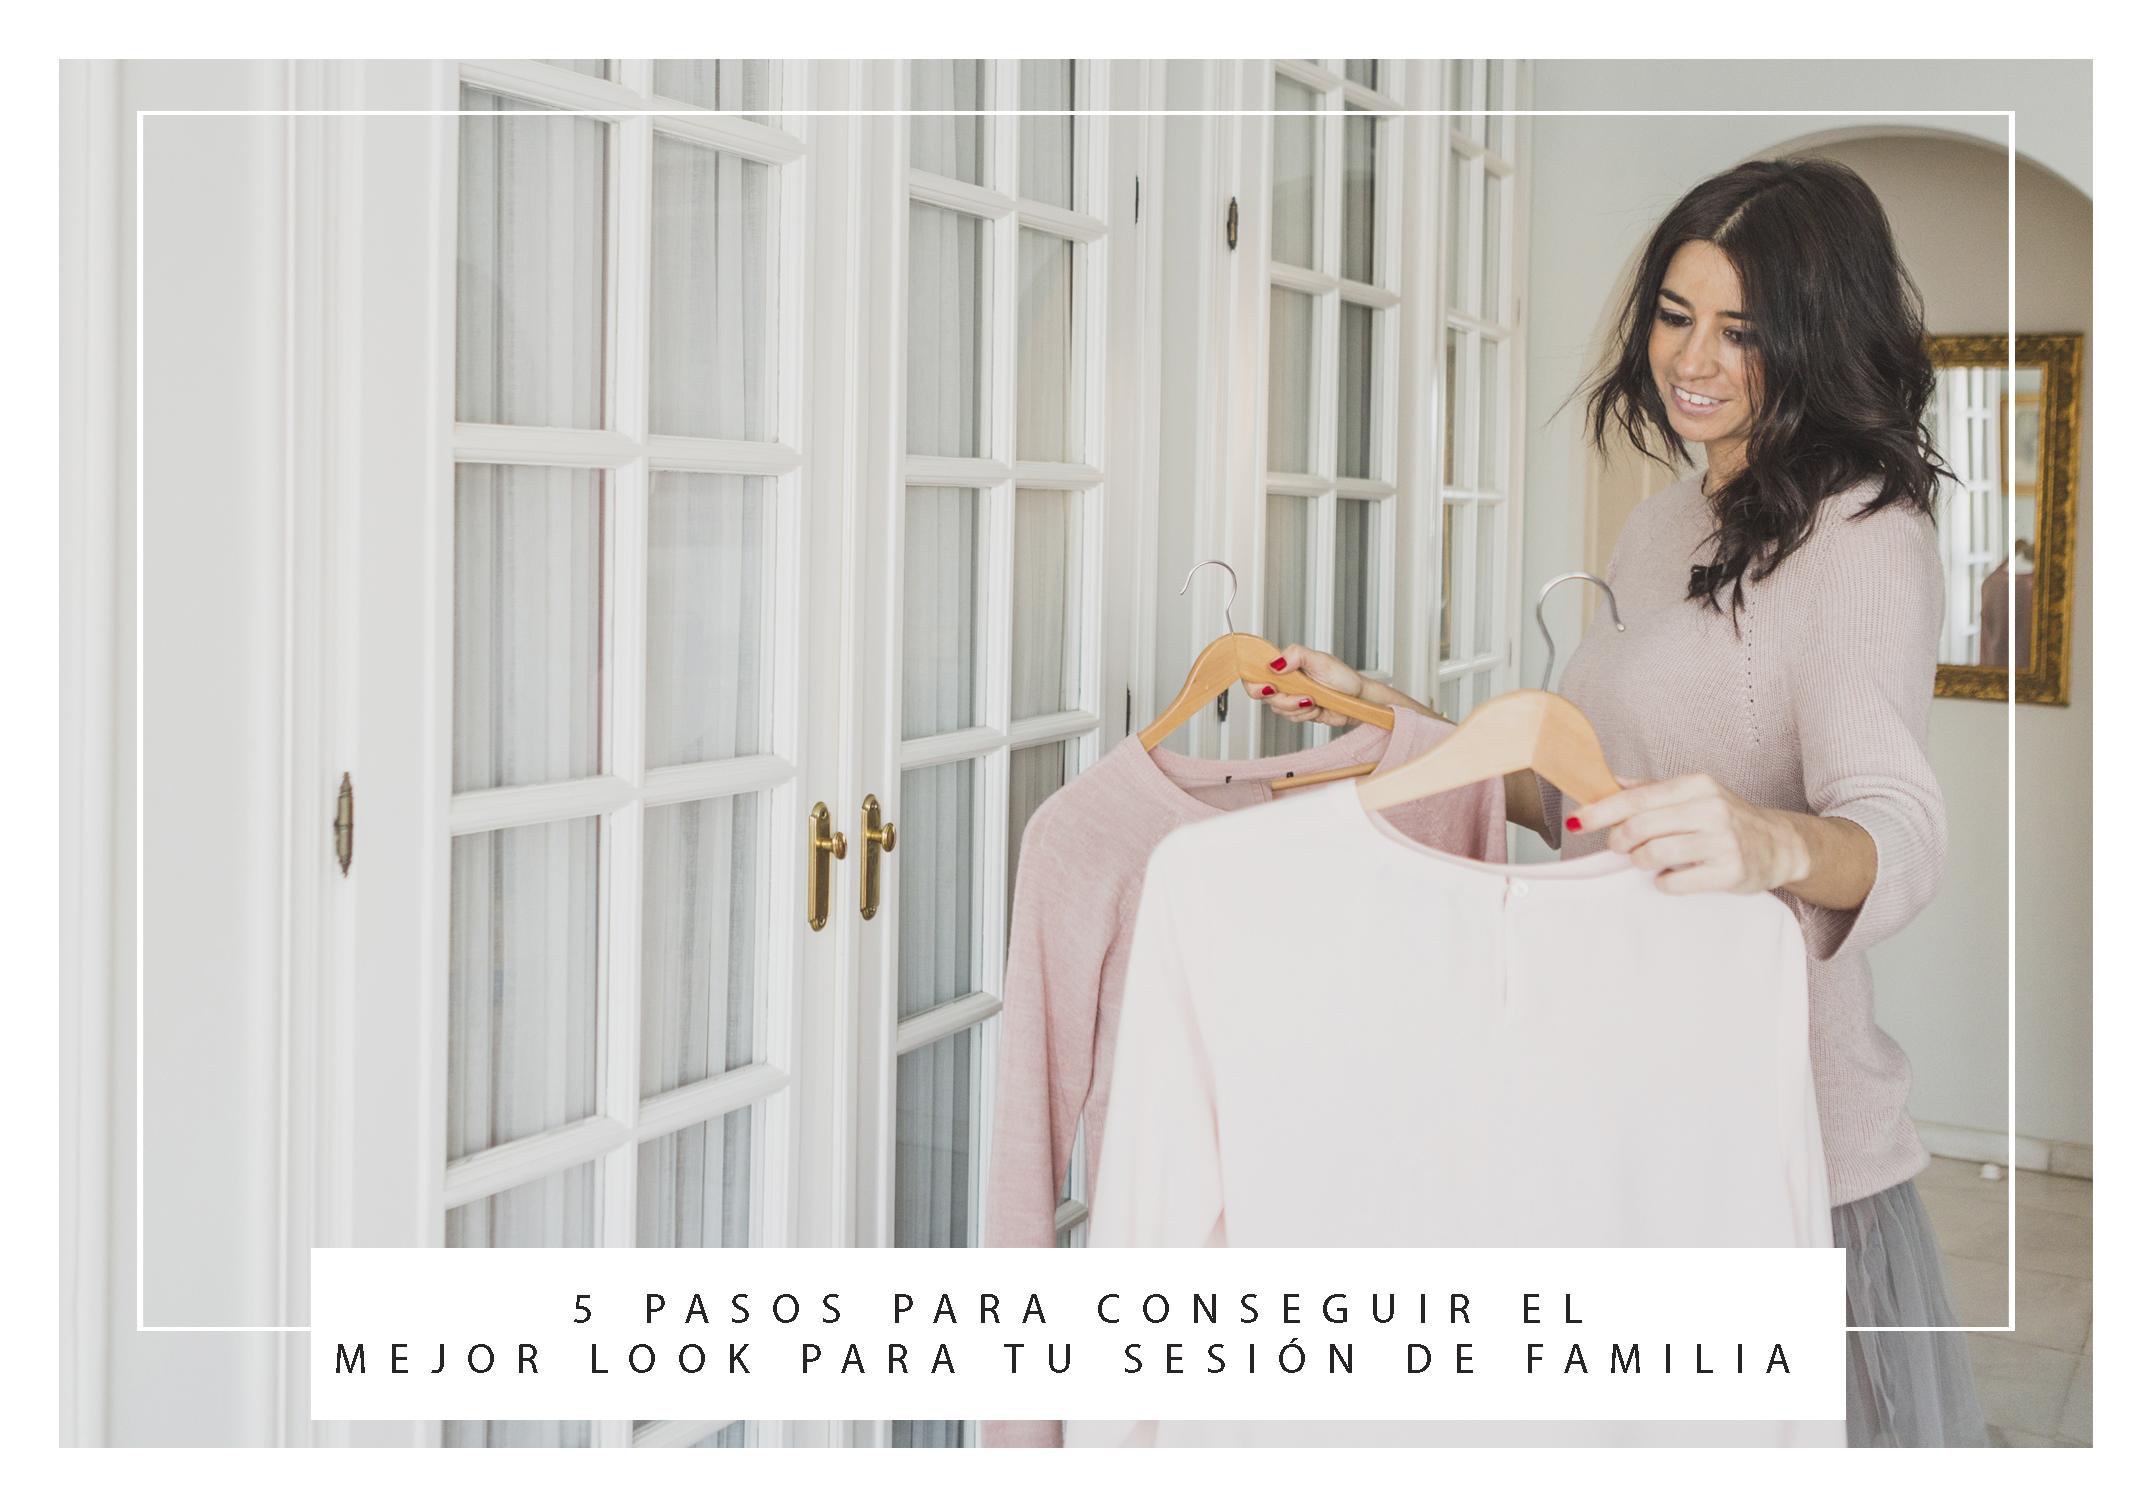 5 pasos que te ayudarán a elegir el mejor look para tu sesión de familia